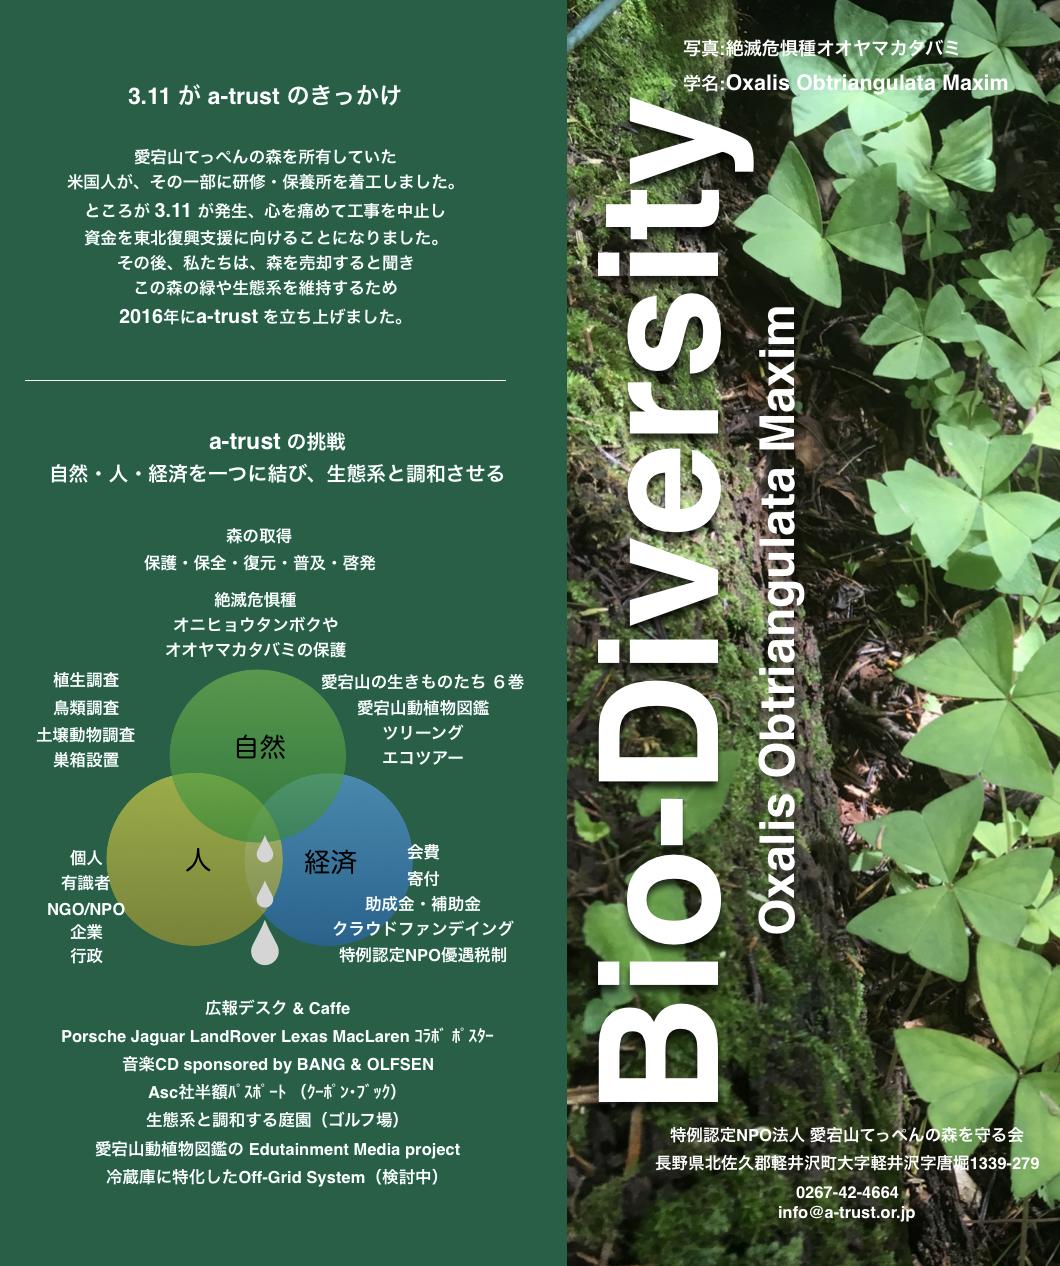 自然 人 経済を一つに結び、生態系と調和させる